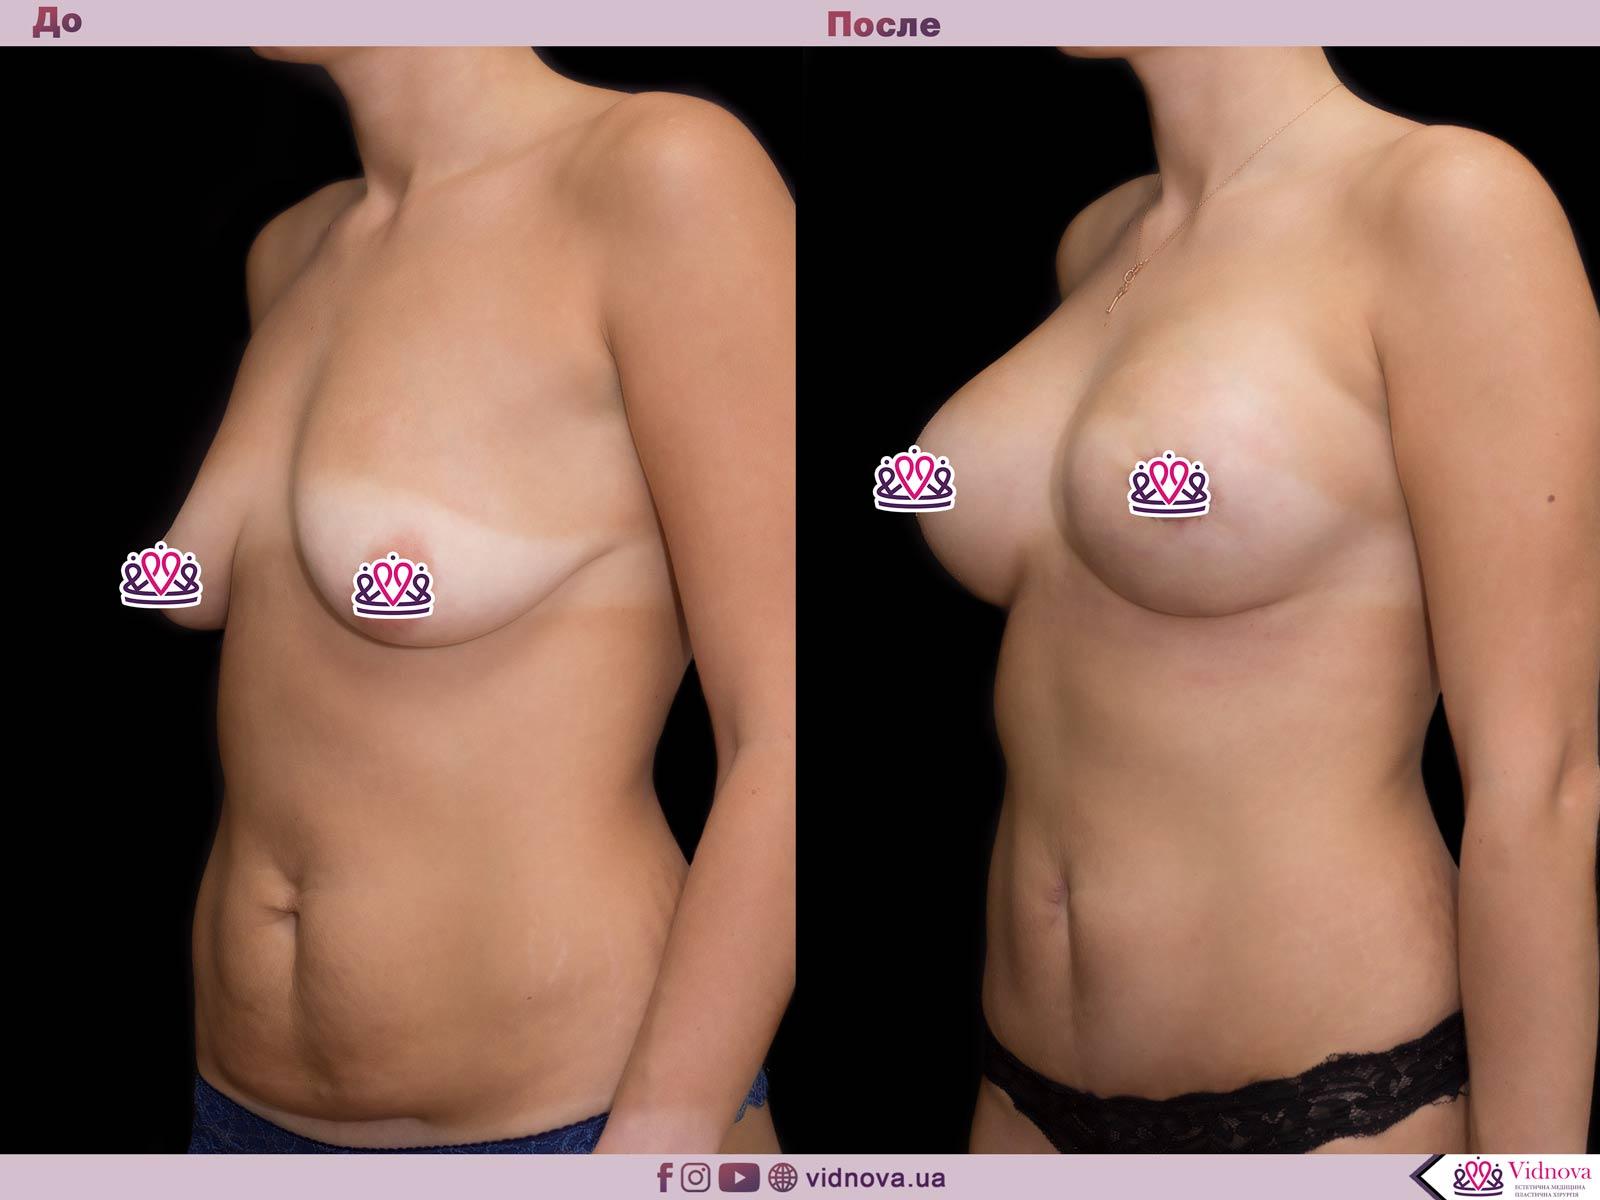 Совмещенные операции: Фото До и После - Пример №8-3 - Клиника Vidnova